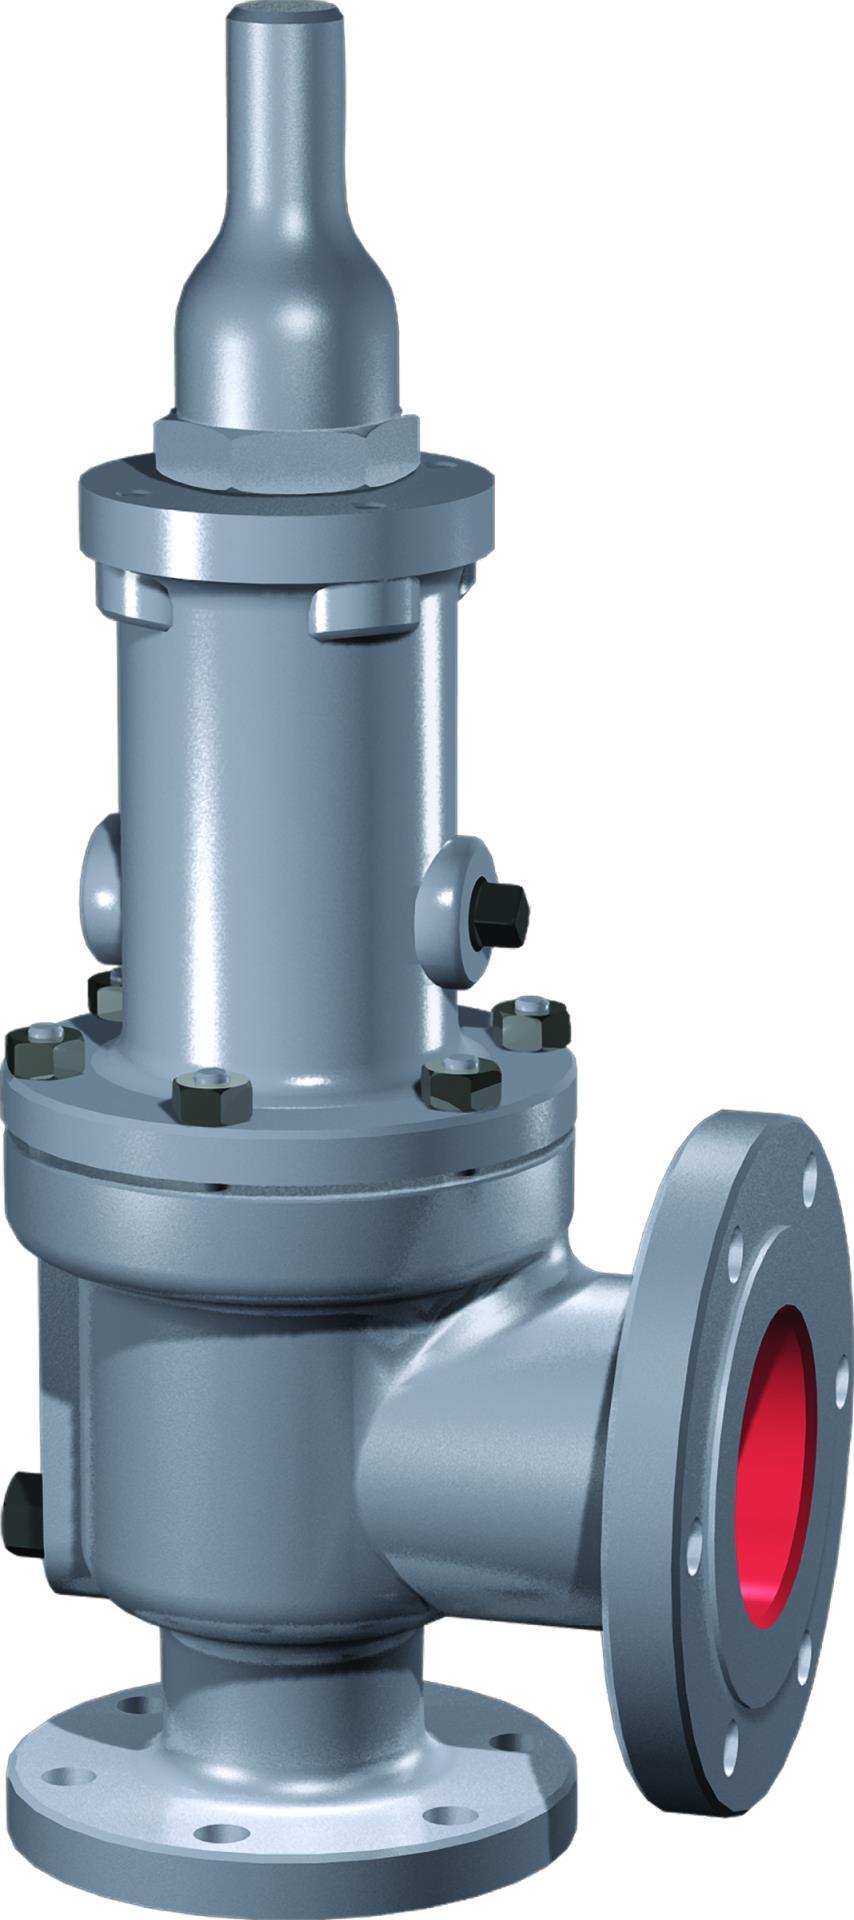 sikkerhetsventiler pressure safety relief valve SRV valve trykk Dresser Consolidated Baker Hughes Model 1900